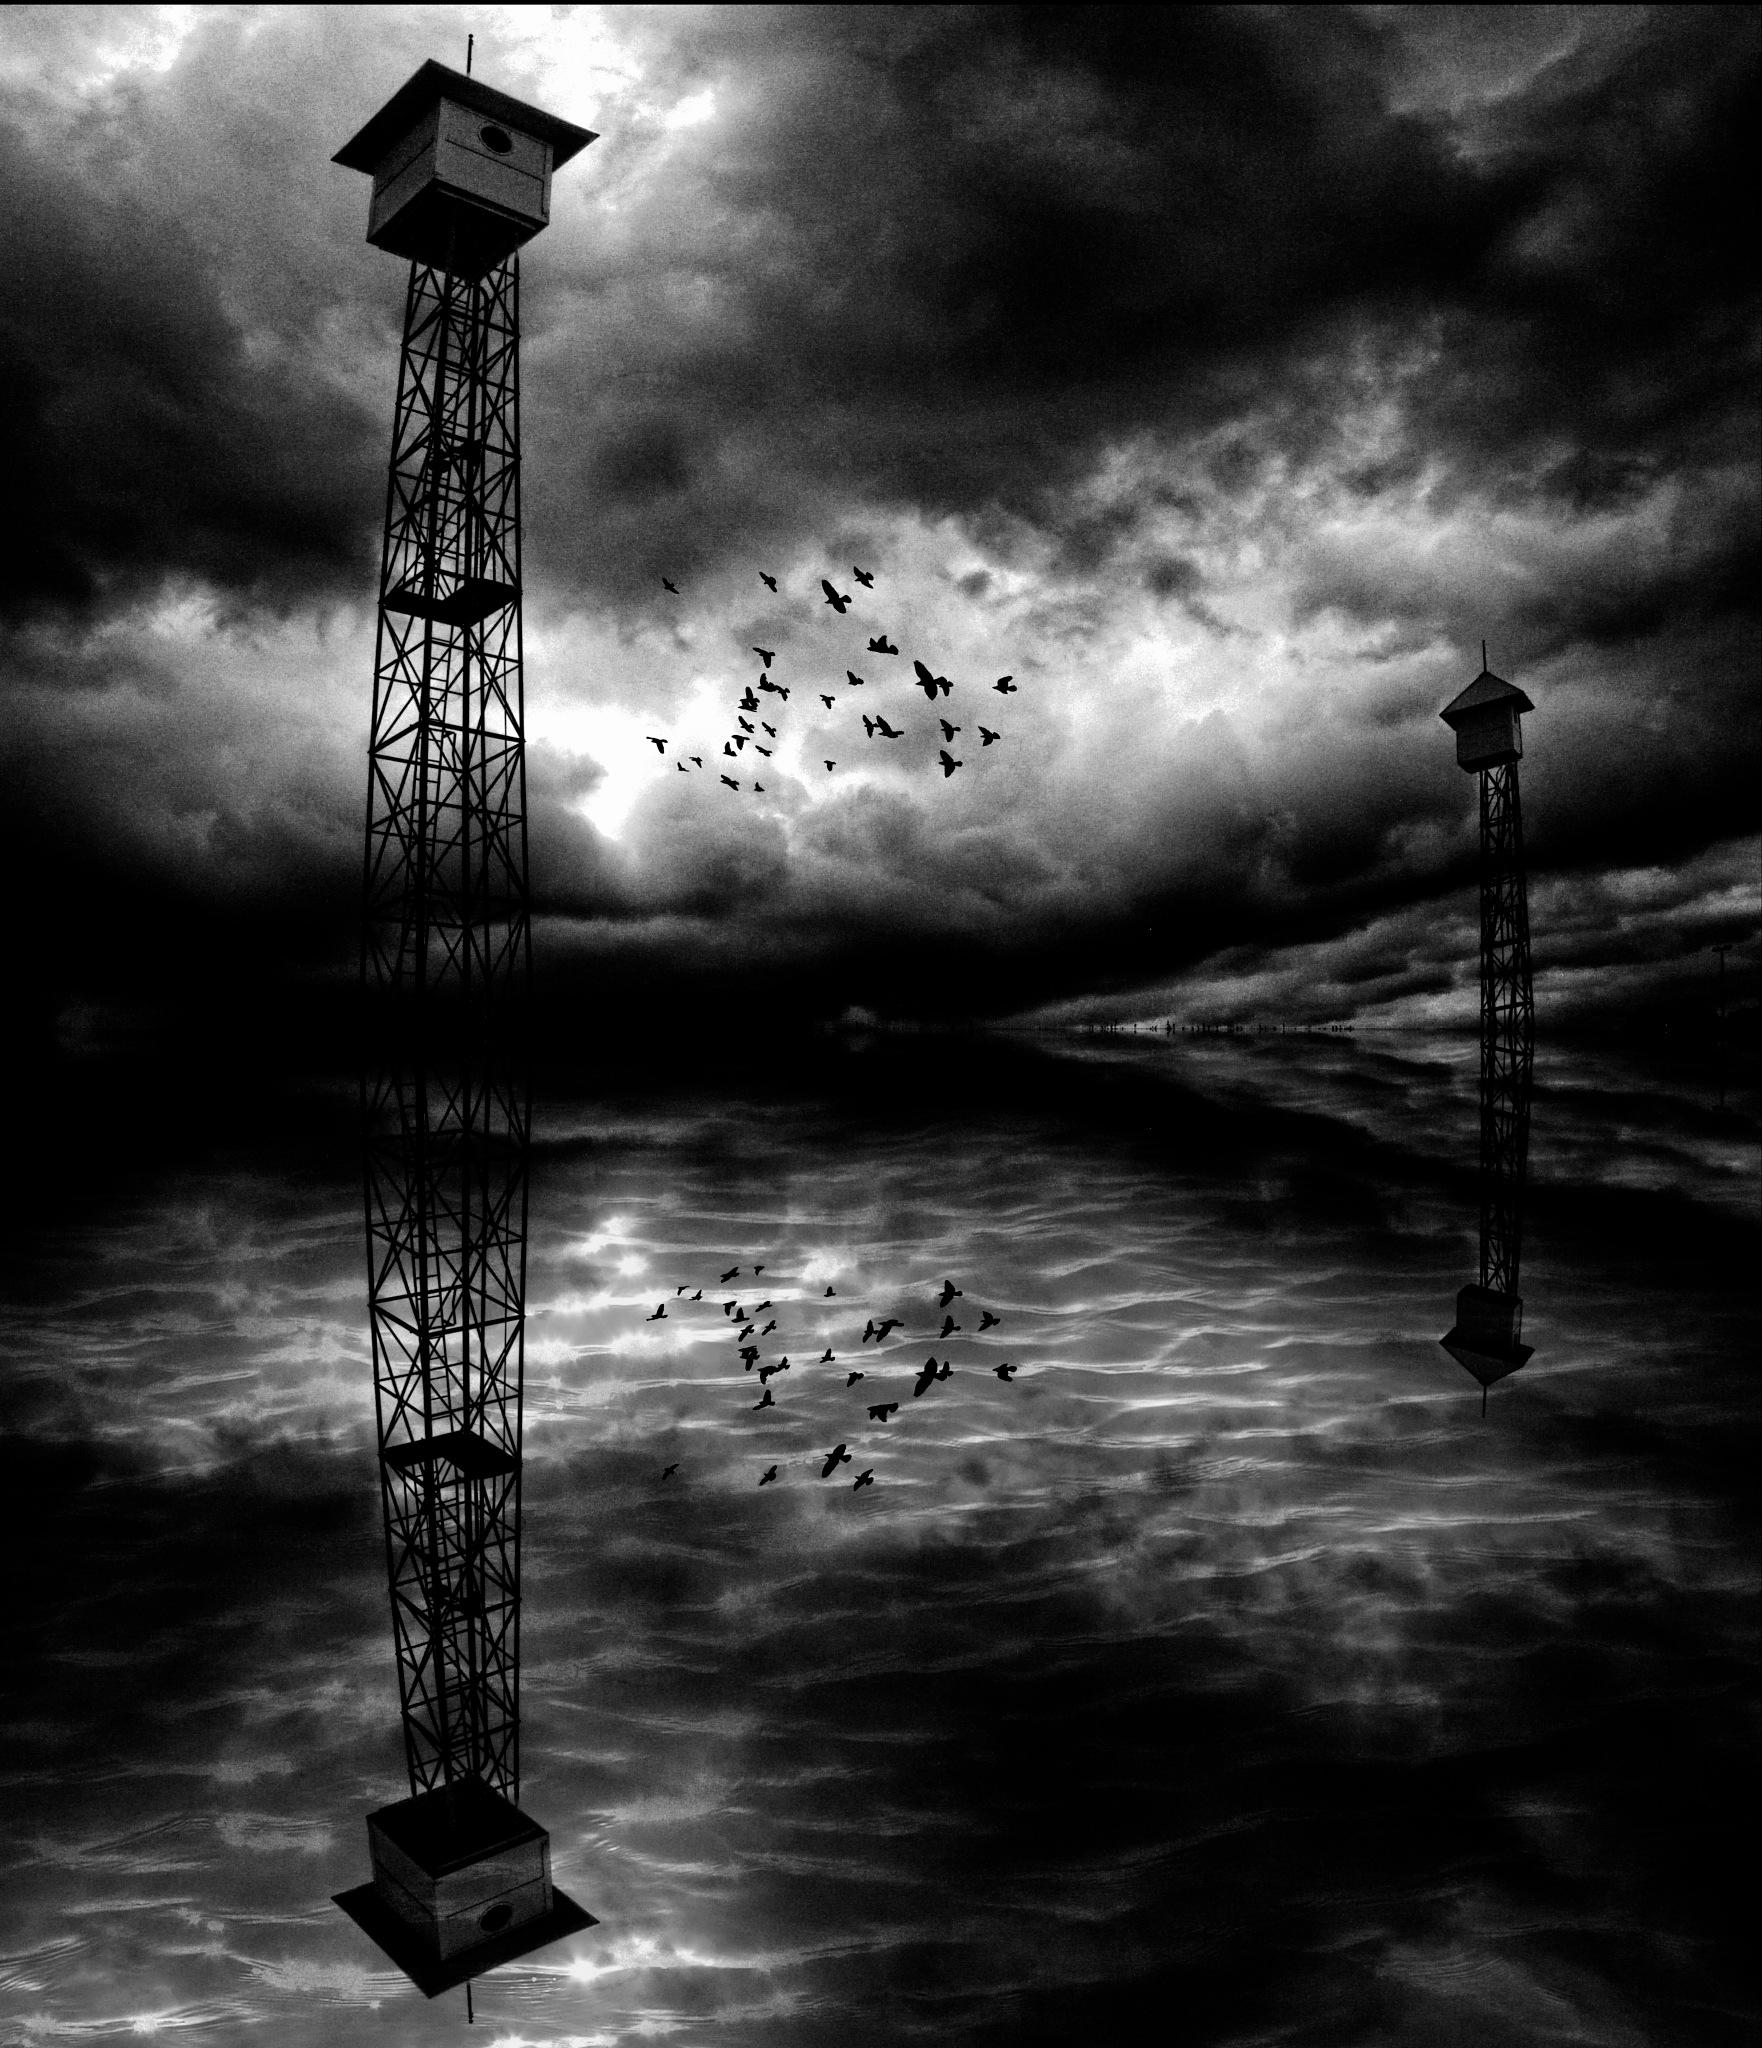 INTO THE STORM by David DeBord